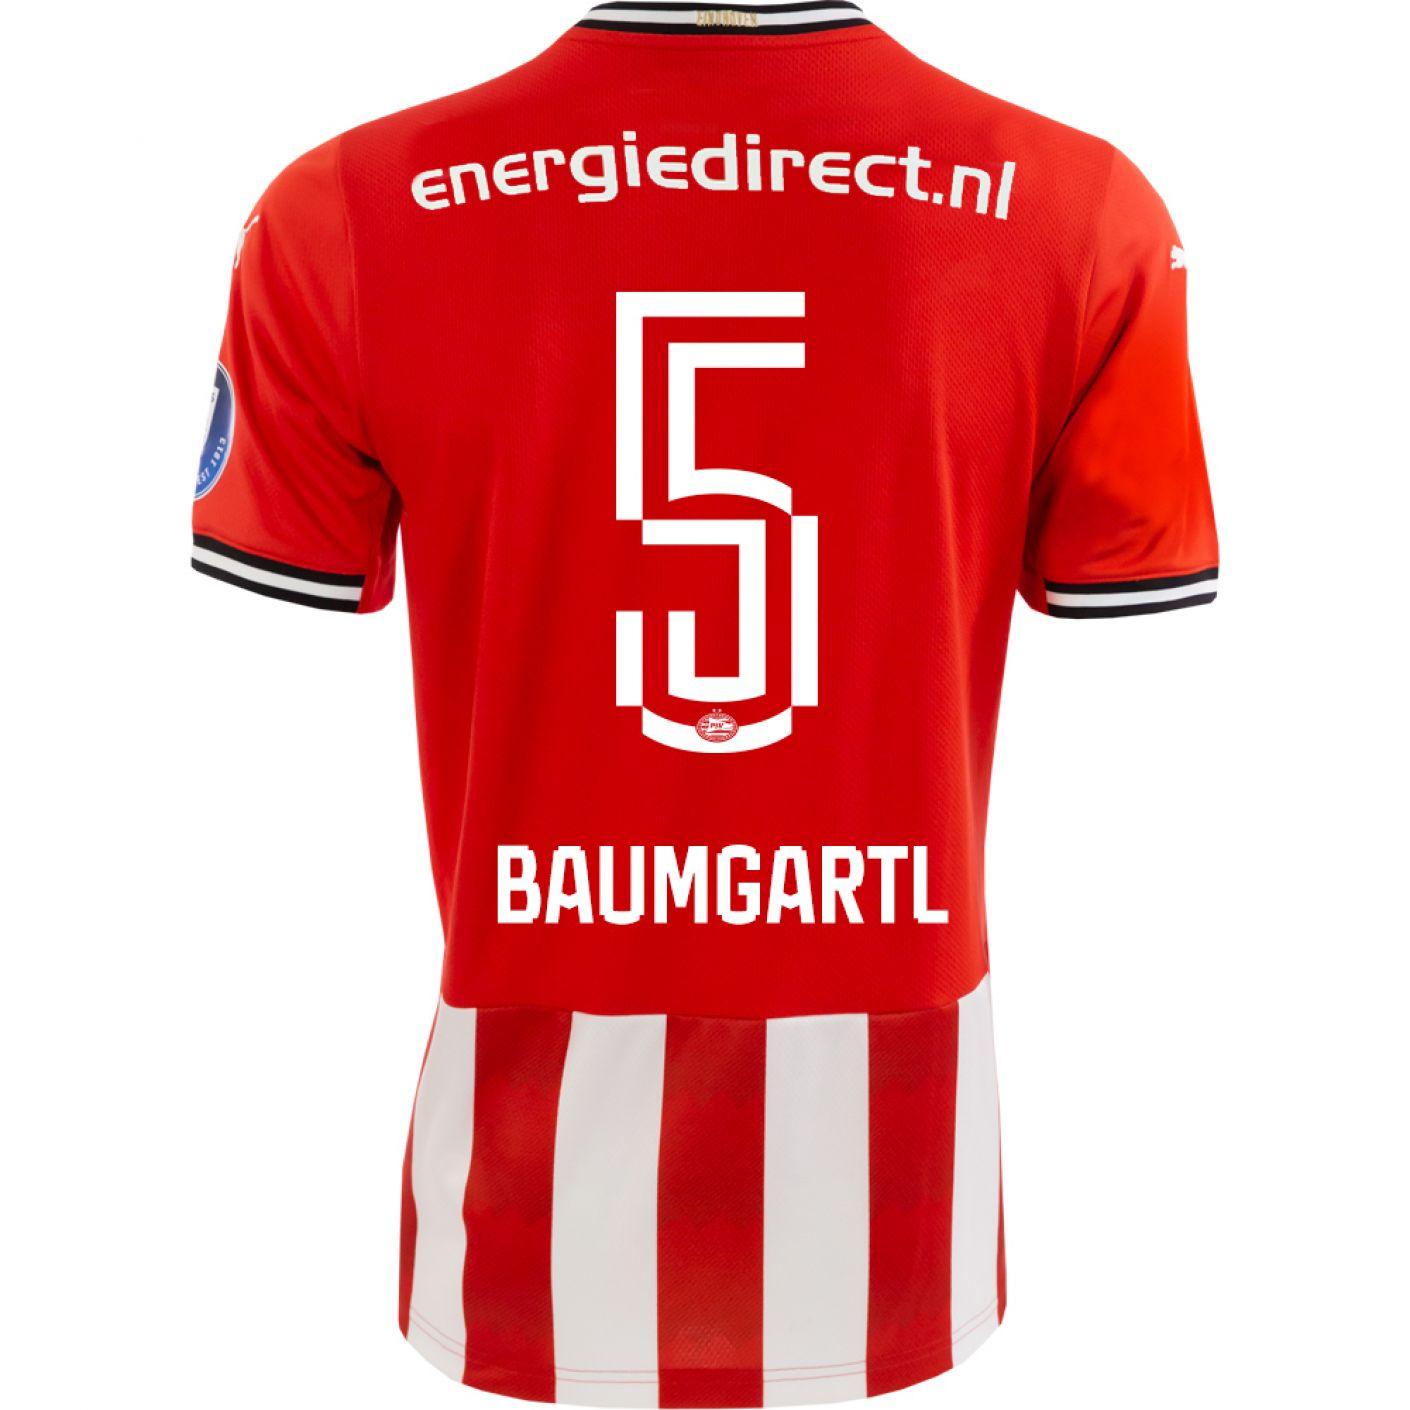 PSV Baumgartl Thuisshirt 20/21